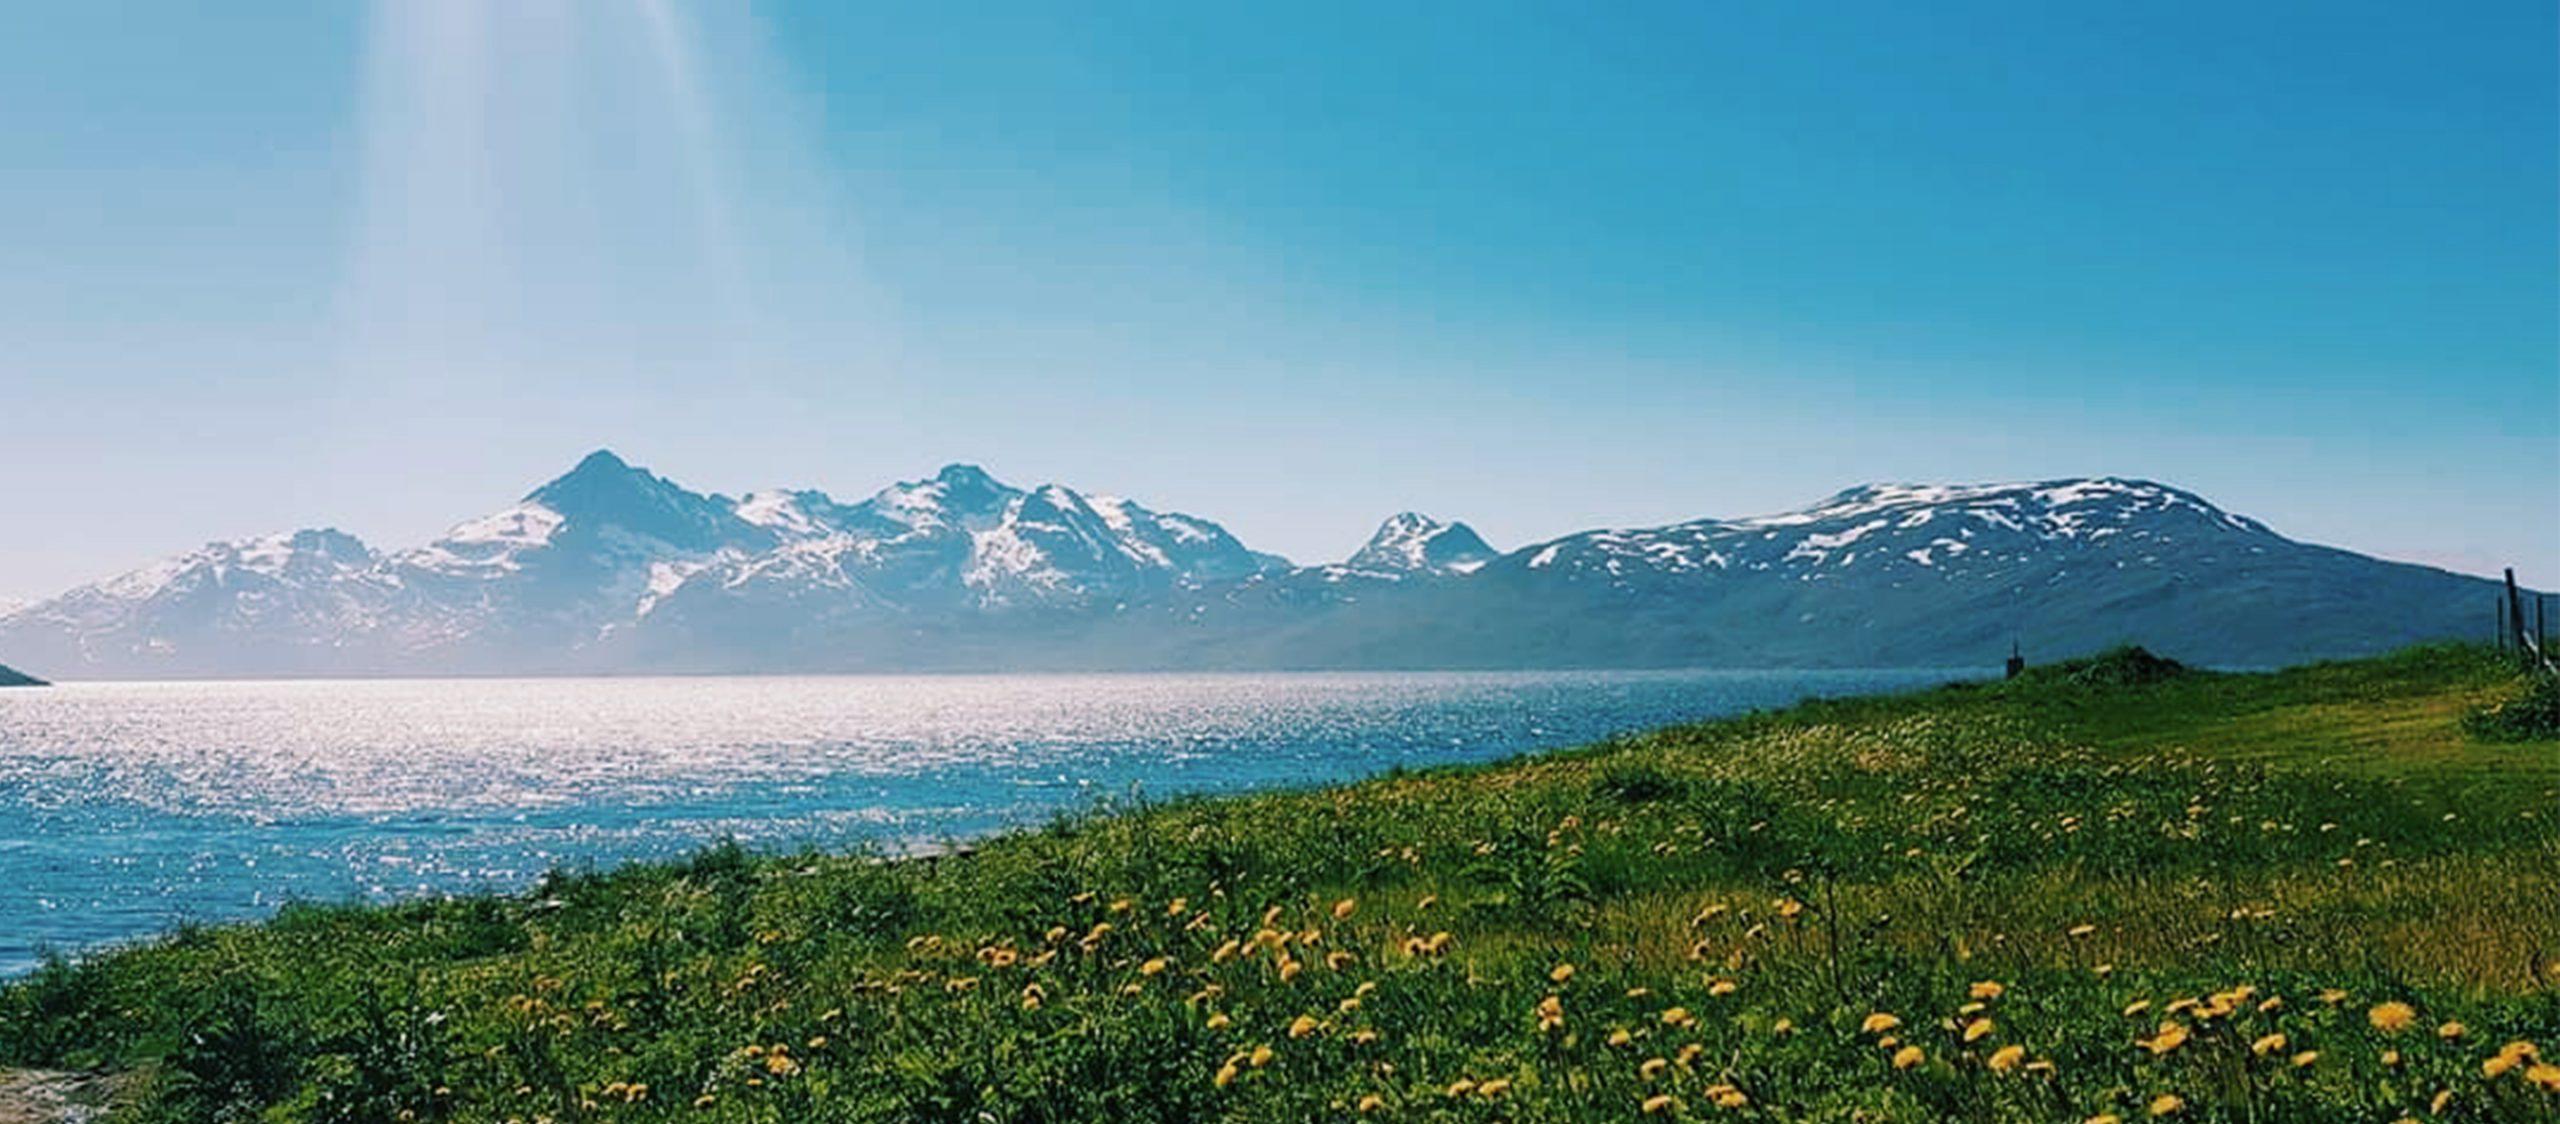 ชั่วโมงที่ไร้ความมืดมิดกับพระอาทิตย์เที่ยงคืนที่ Tromsø